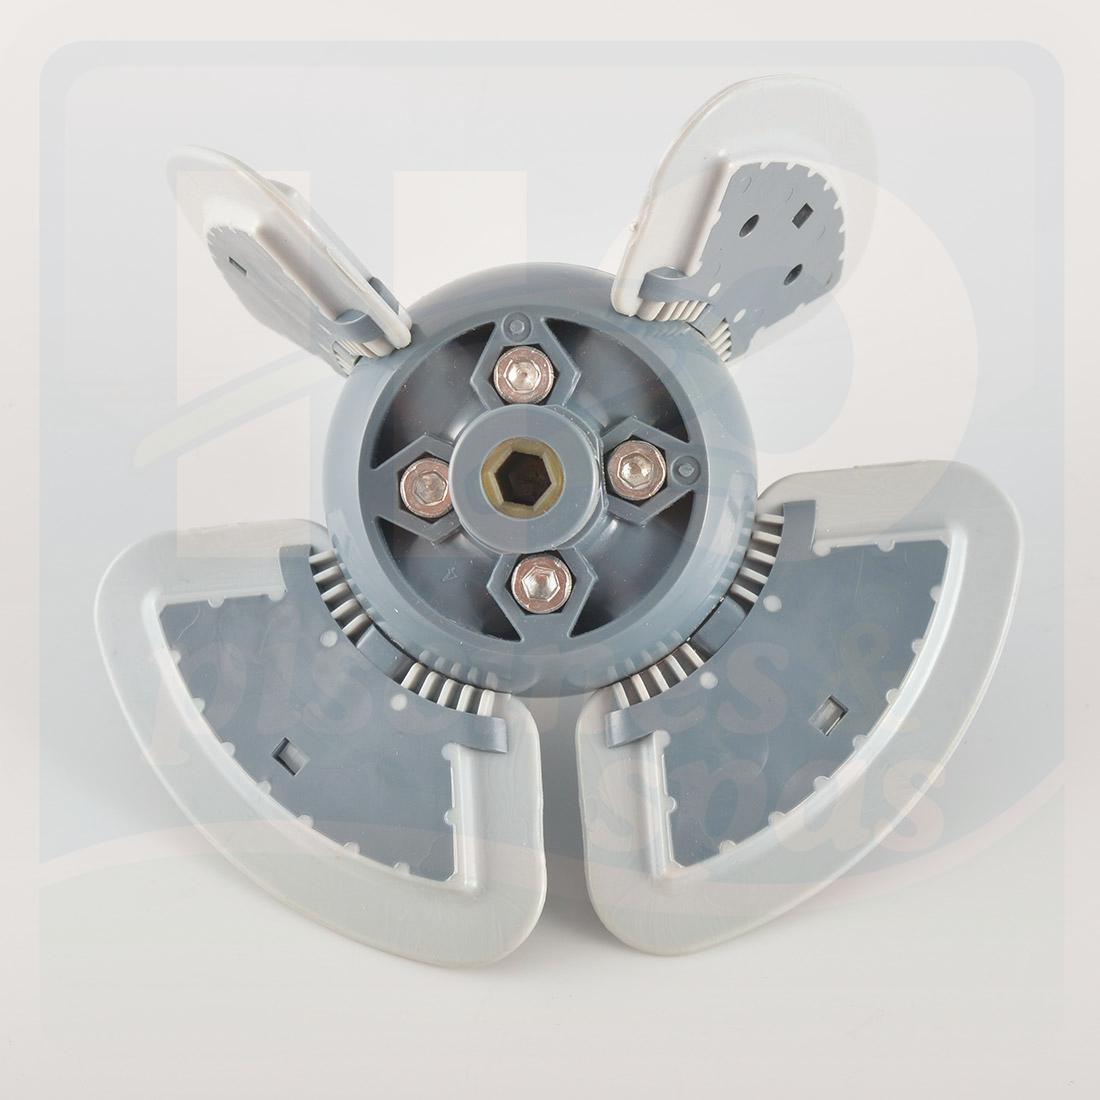 assemblage moteur de robot de piscine zodiac mx8 h2o piscines spas. Black Bedroom Furniture Sets. Home Design Ideas